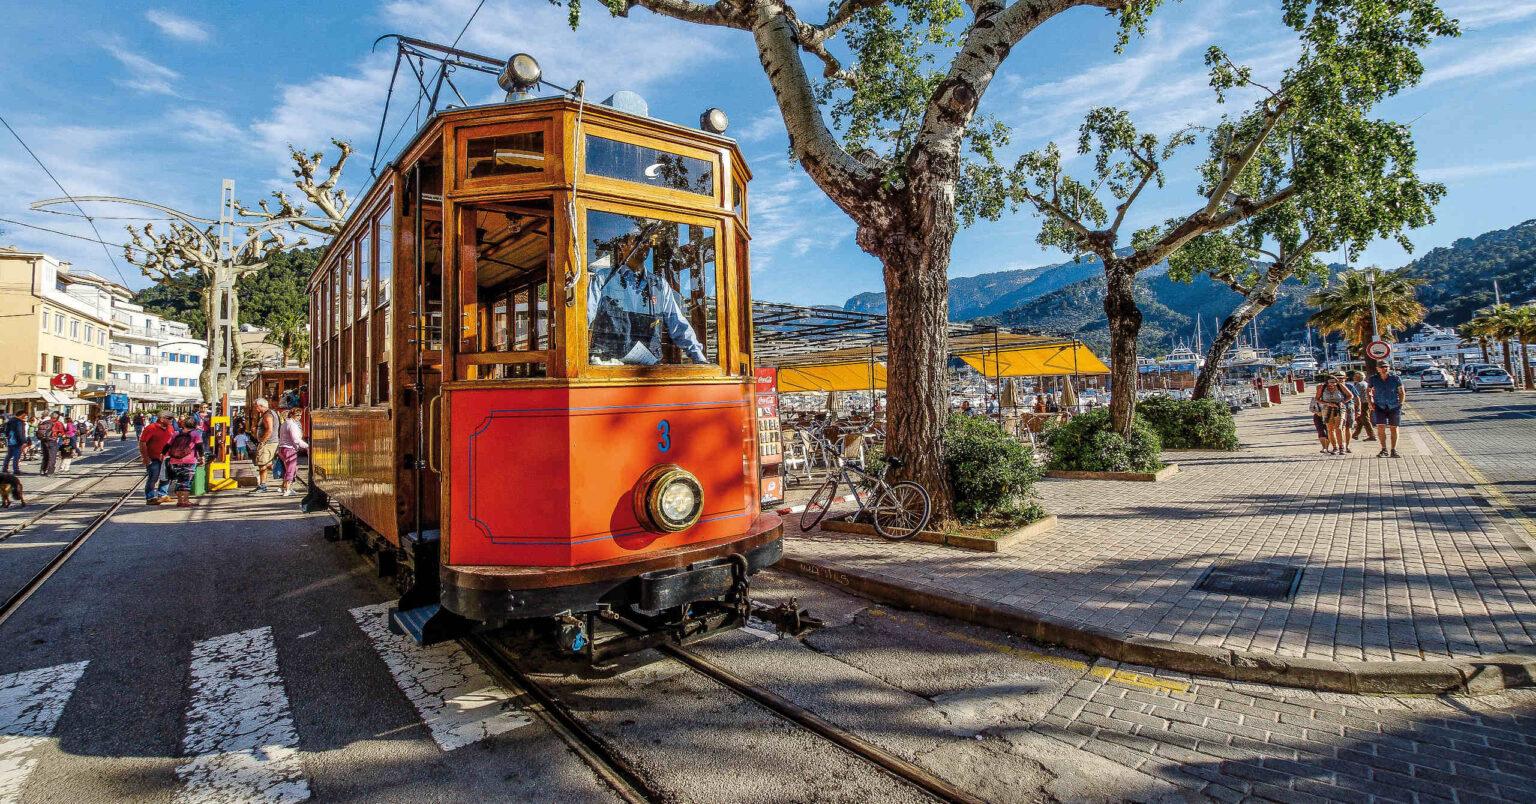 Venta online del billete combinado del Tren de Sóller